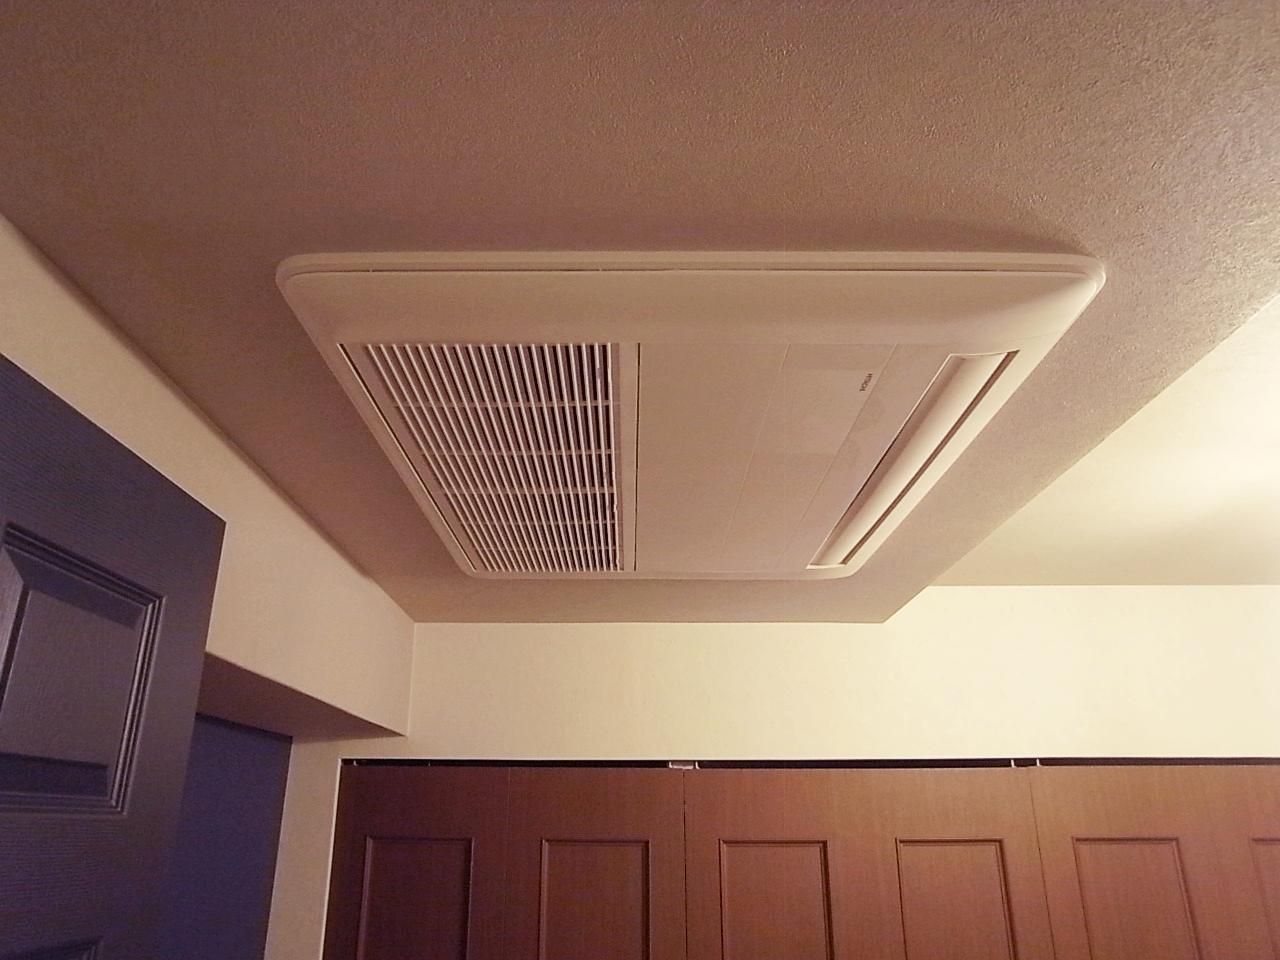 各洋室には設計士の粋な計らいで埋込型のエアコンを搭載。